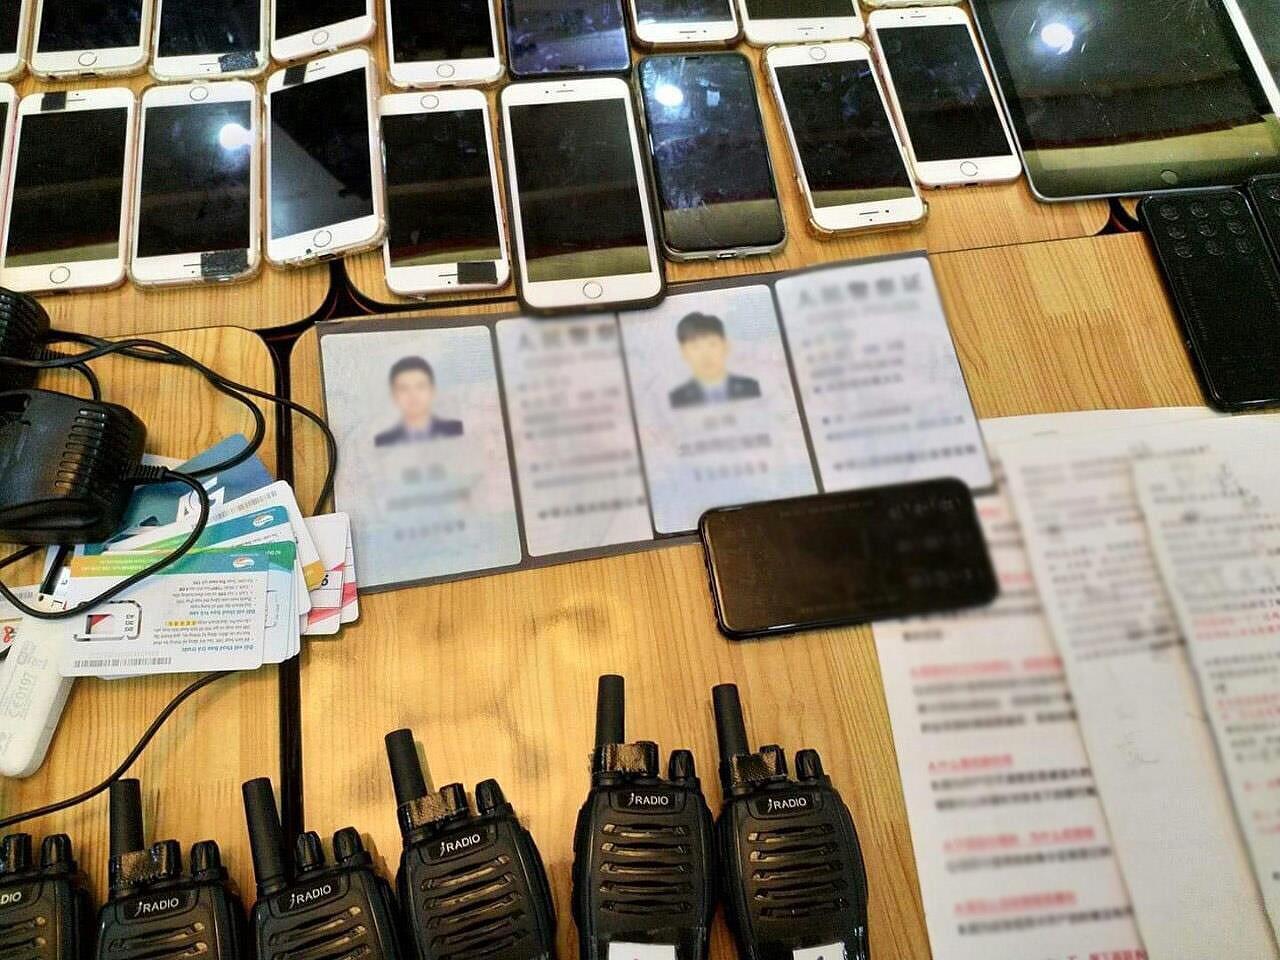 Phát hiện nhóm người Trung Quốc sử dụng công nghệ cao để lừa đảo chiếm đoạt tài sản Ảnh 2